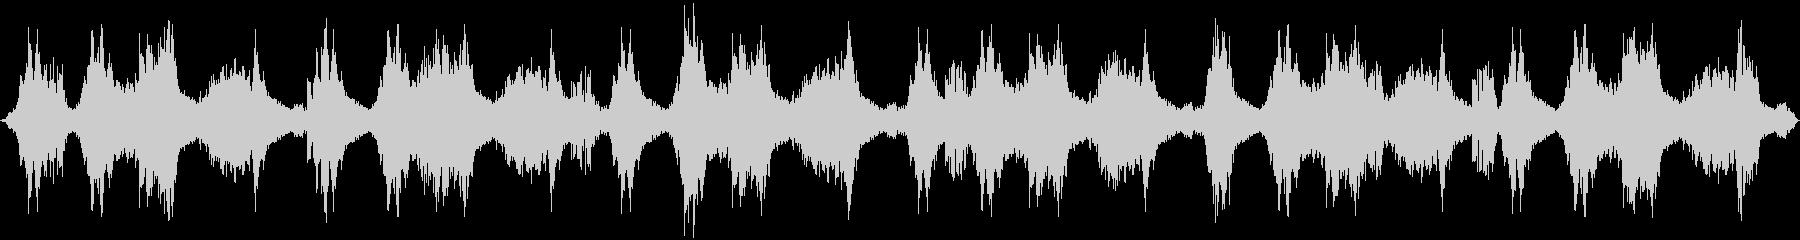 シリアス・緊迫・洞窟・環境音の未再生の波形